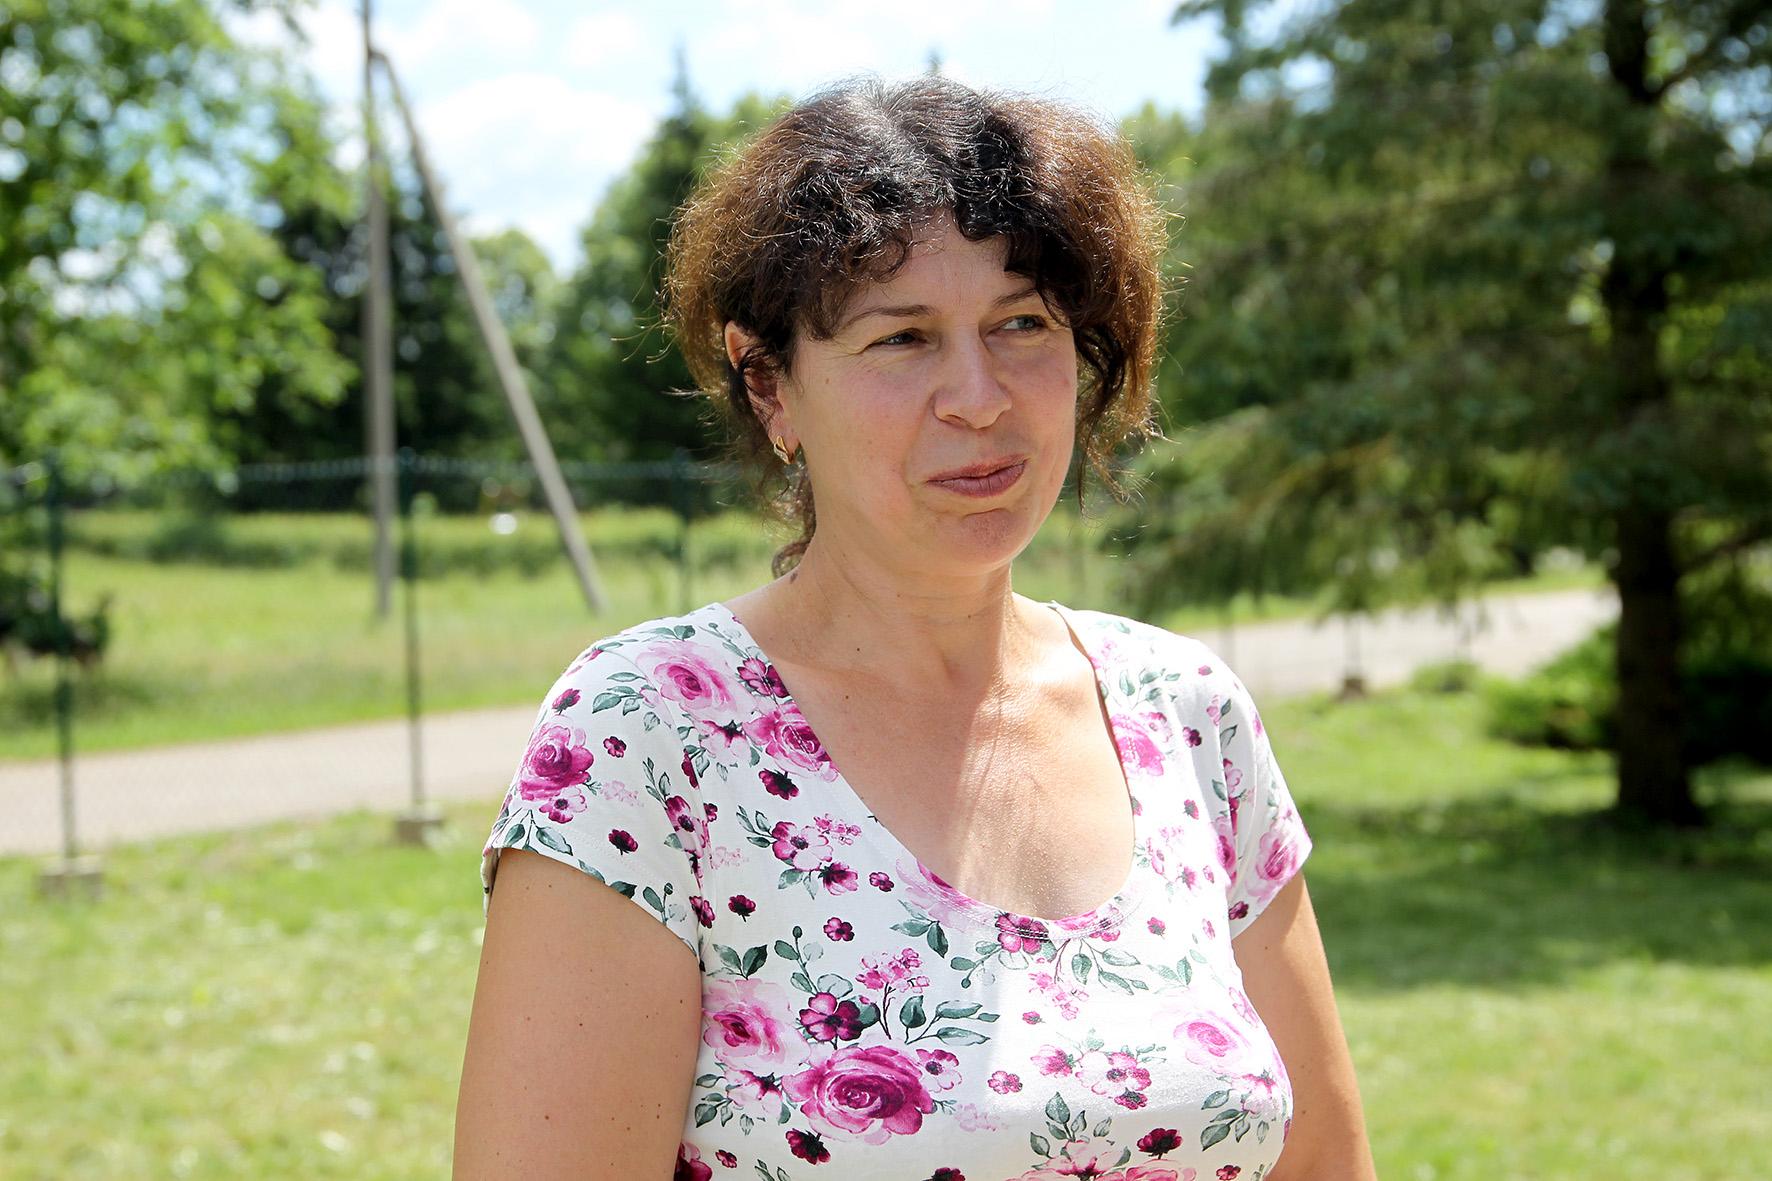 Kėdainių Mikalojaus Daukšos viešosios bibliotekos Plinkaigalio filialo bibliotekininkė Jūratė Mitkuvienė visados pastebi kitų nuveiktus darbus.